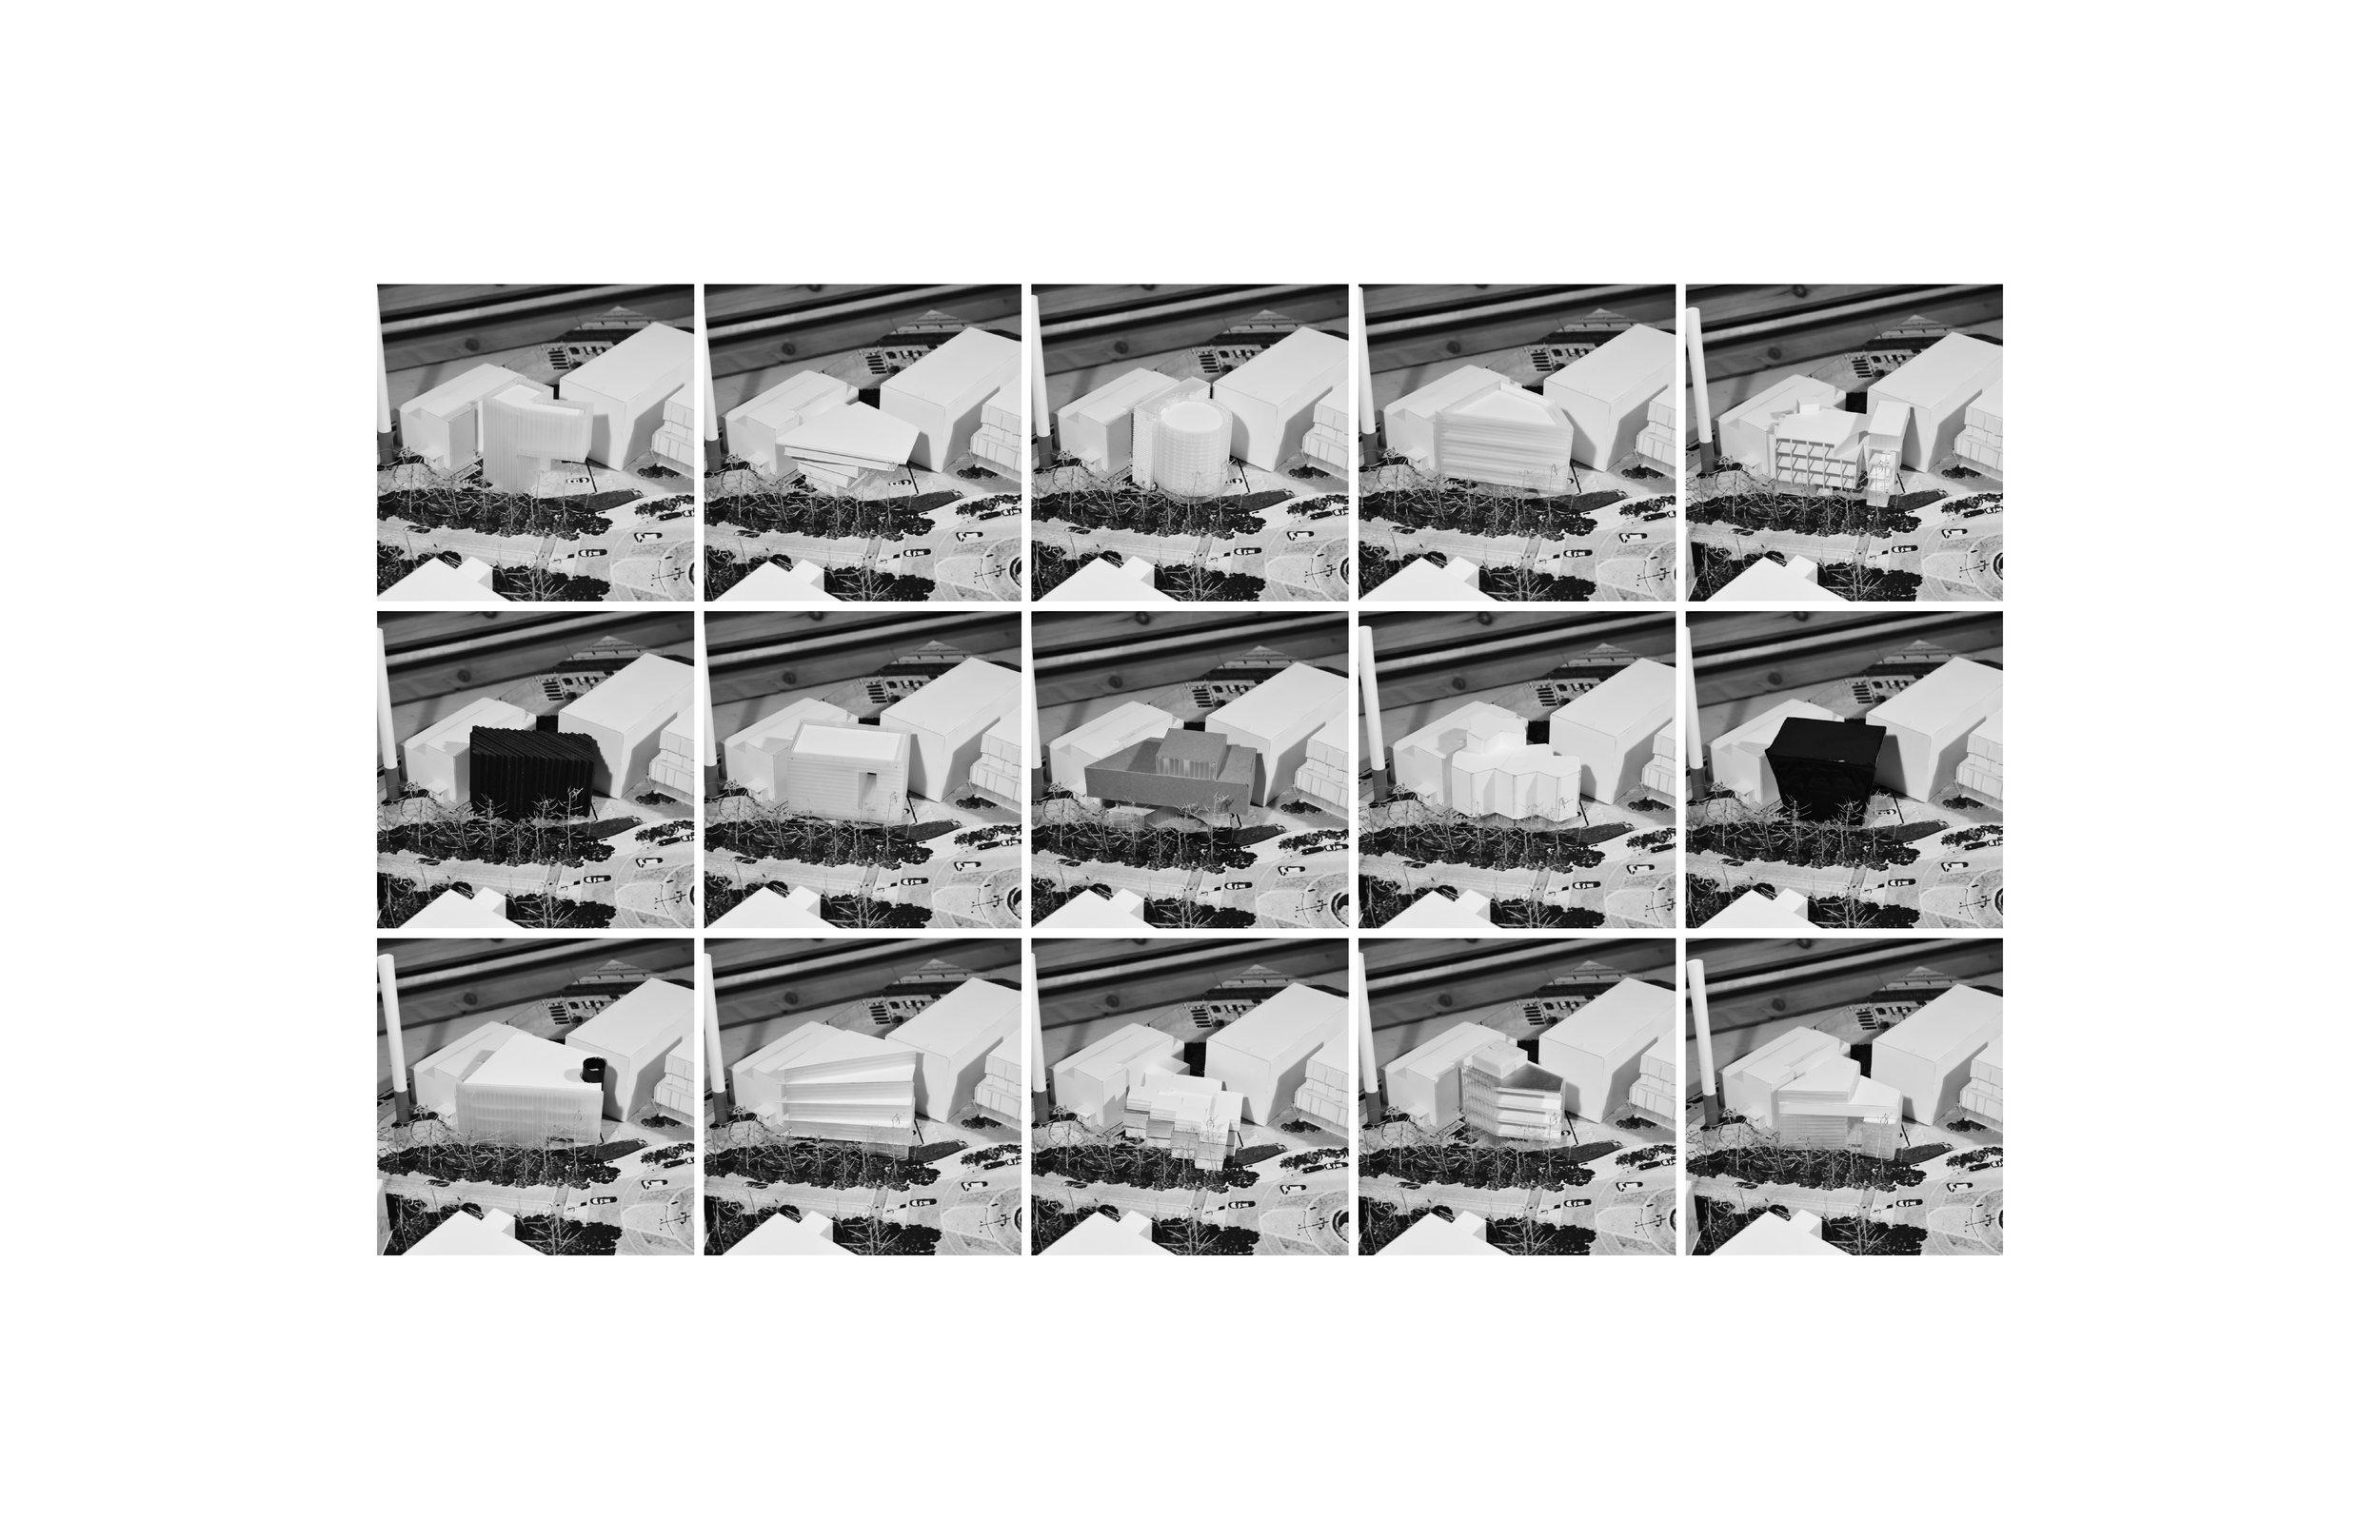 modelaerial.feb.7.18.mm.jpg